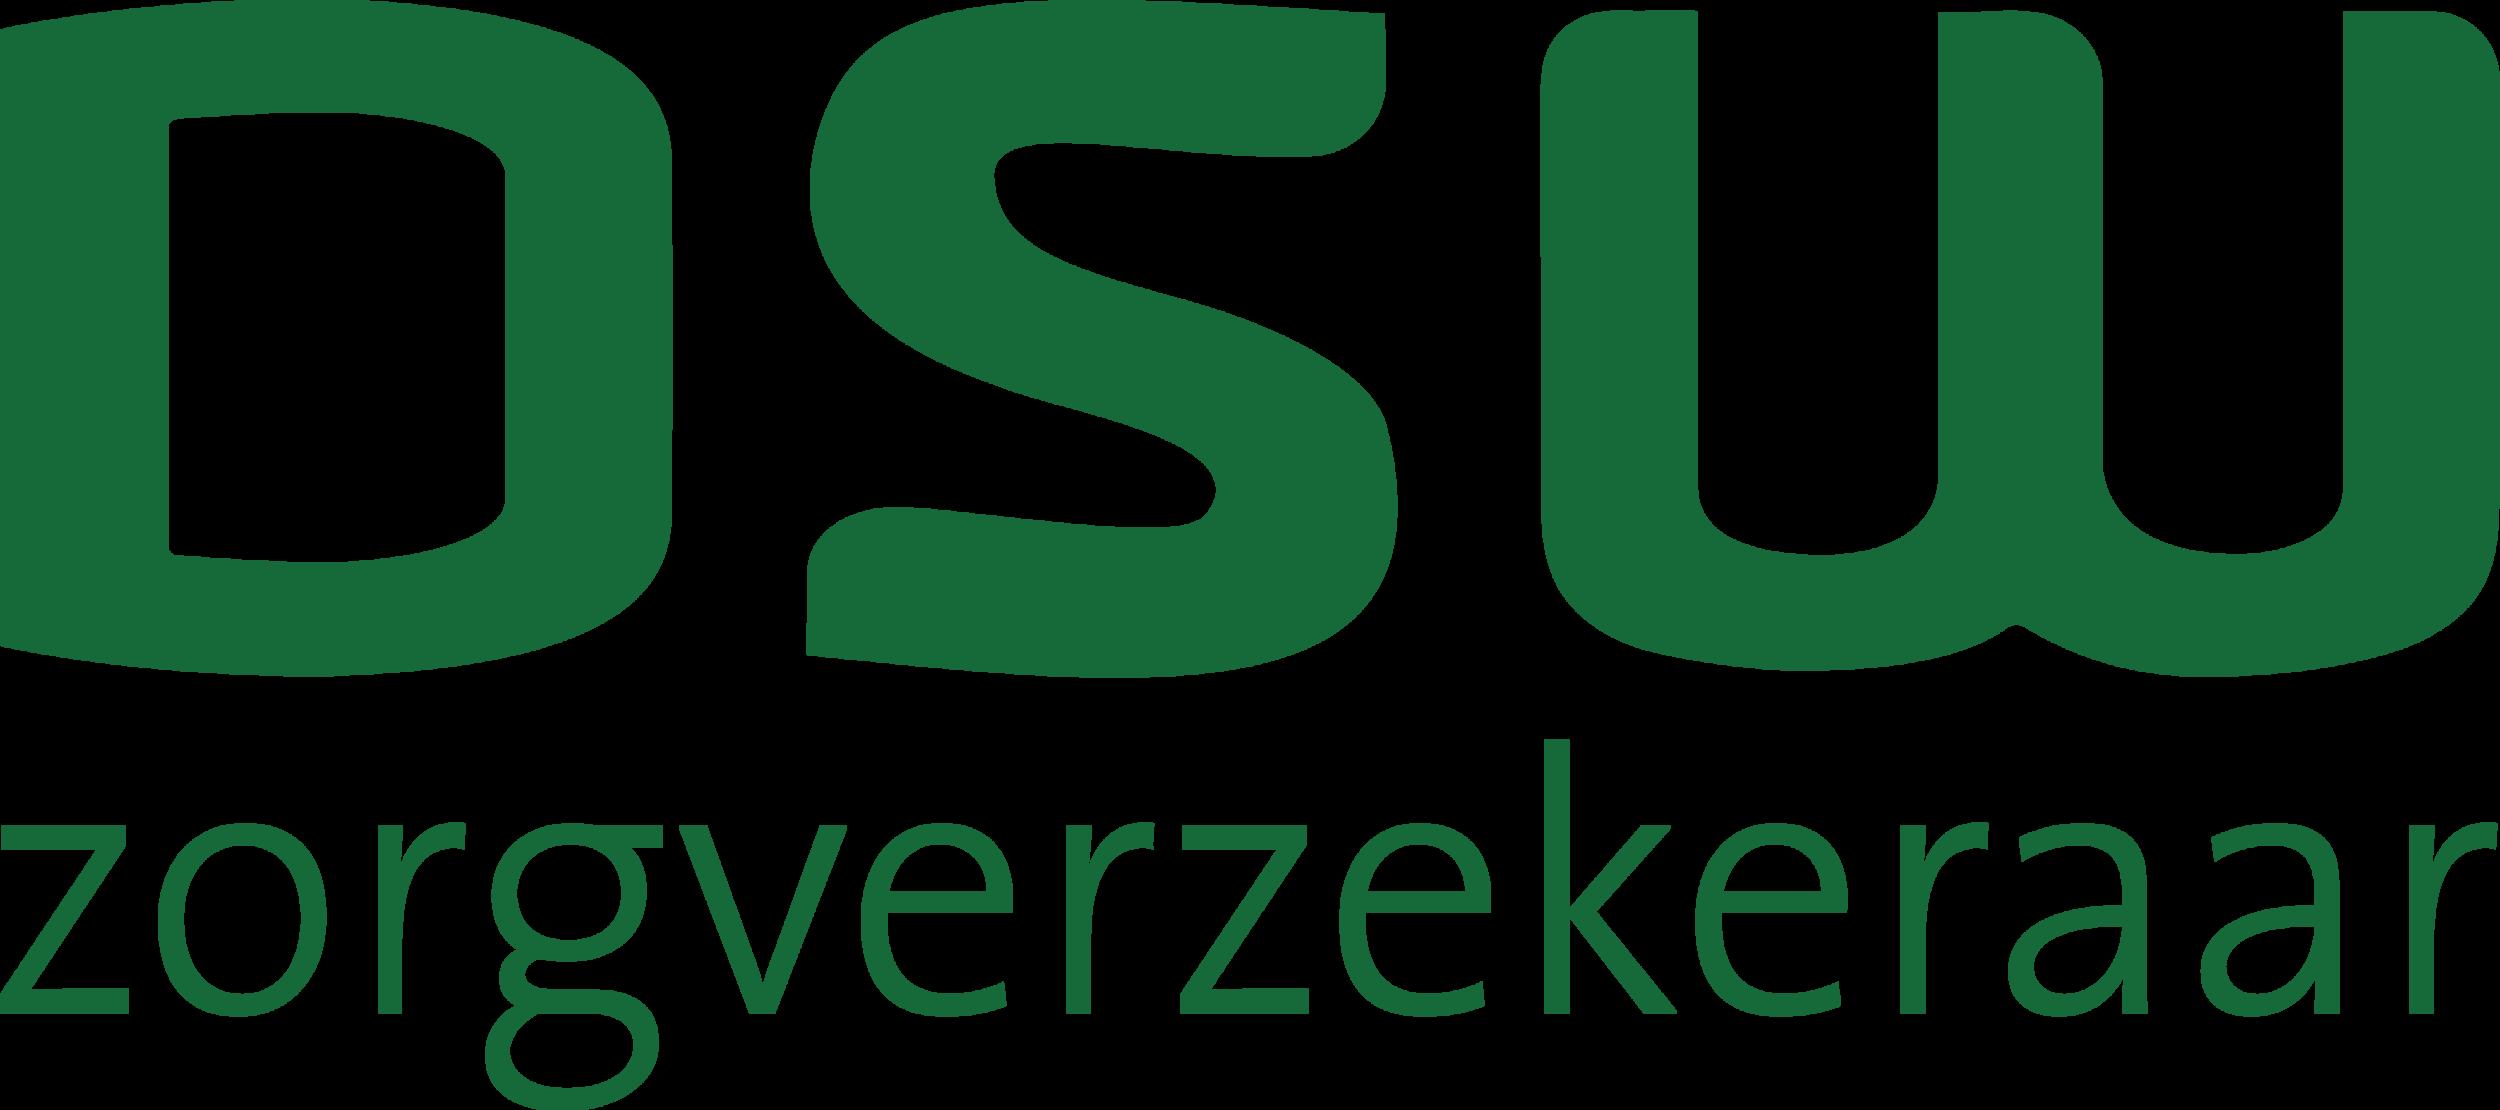 DSW_logo 2017_PMS349c.png